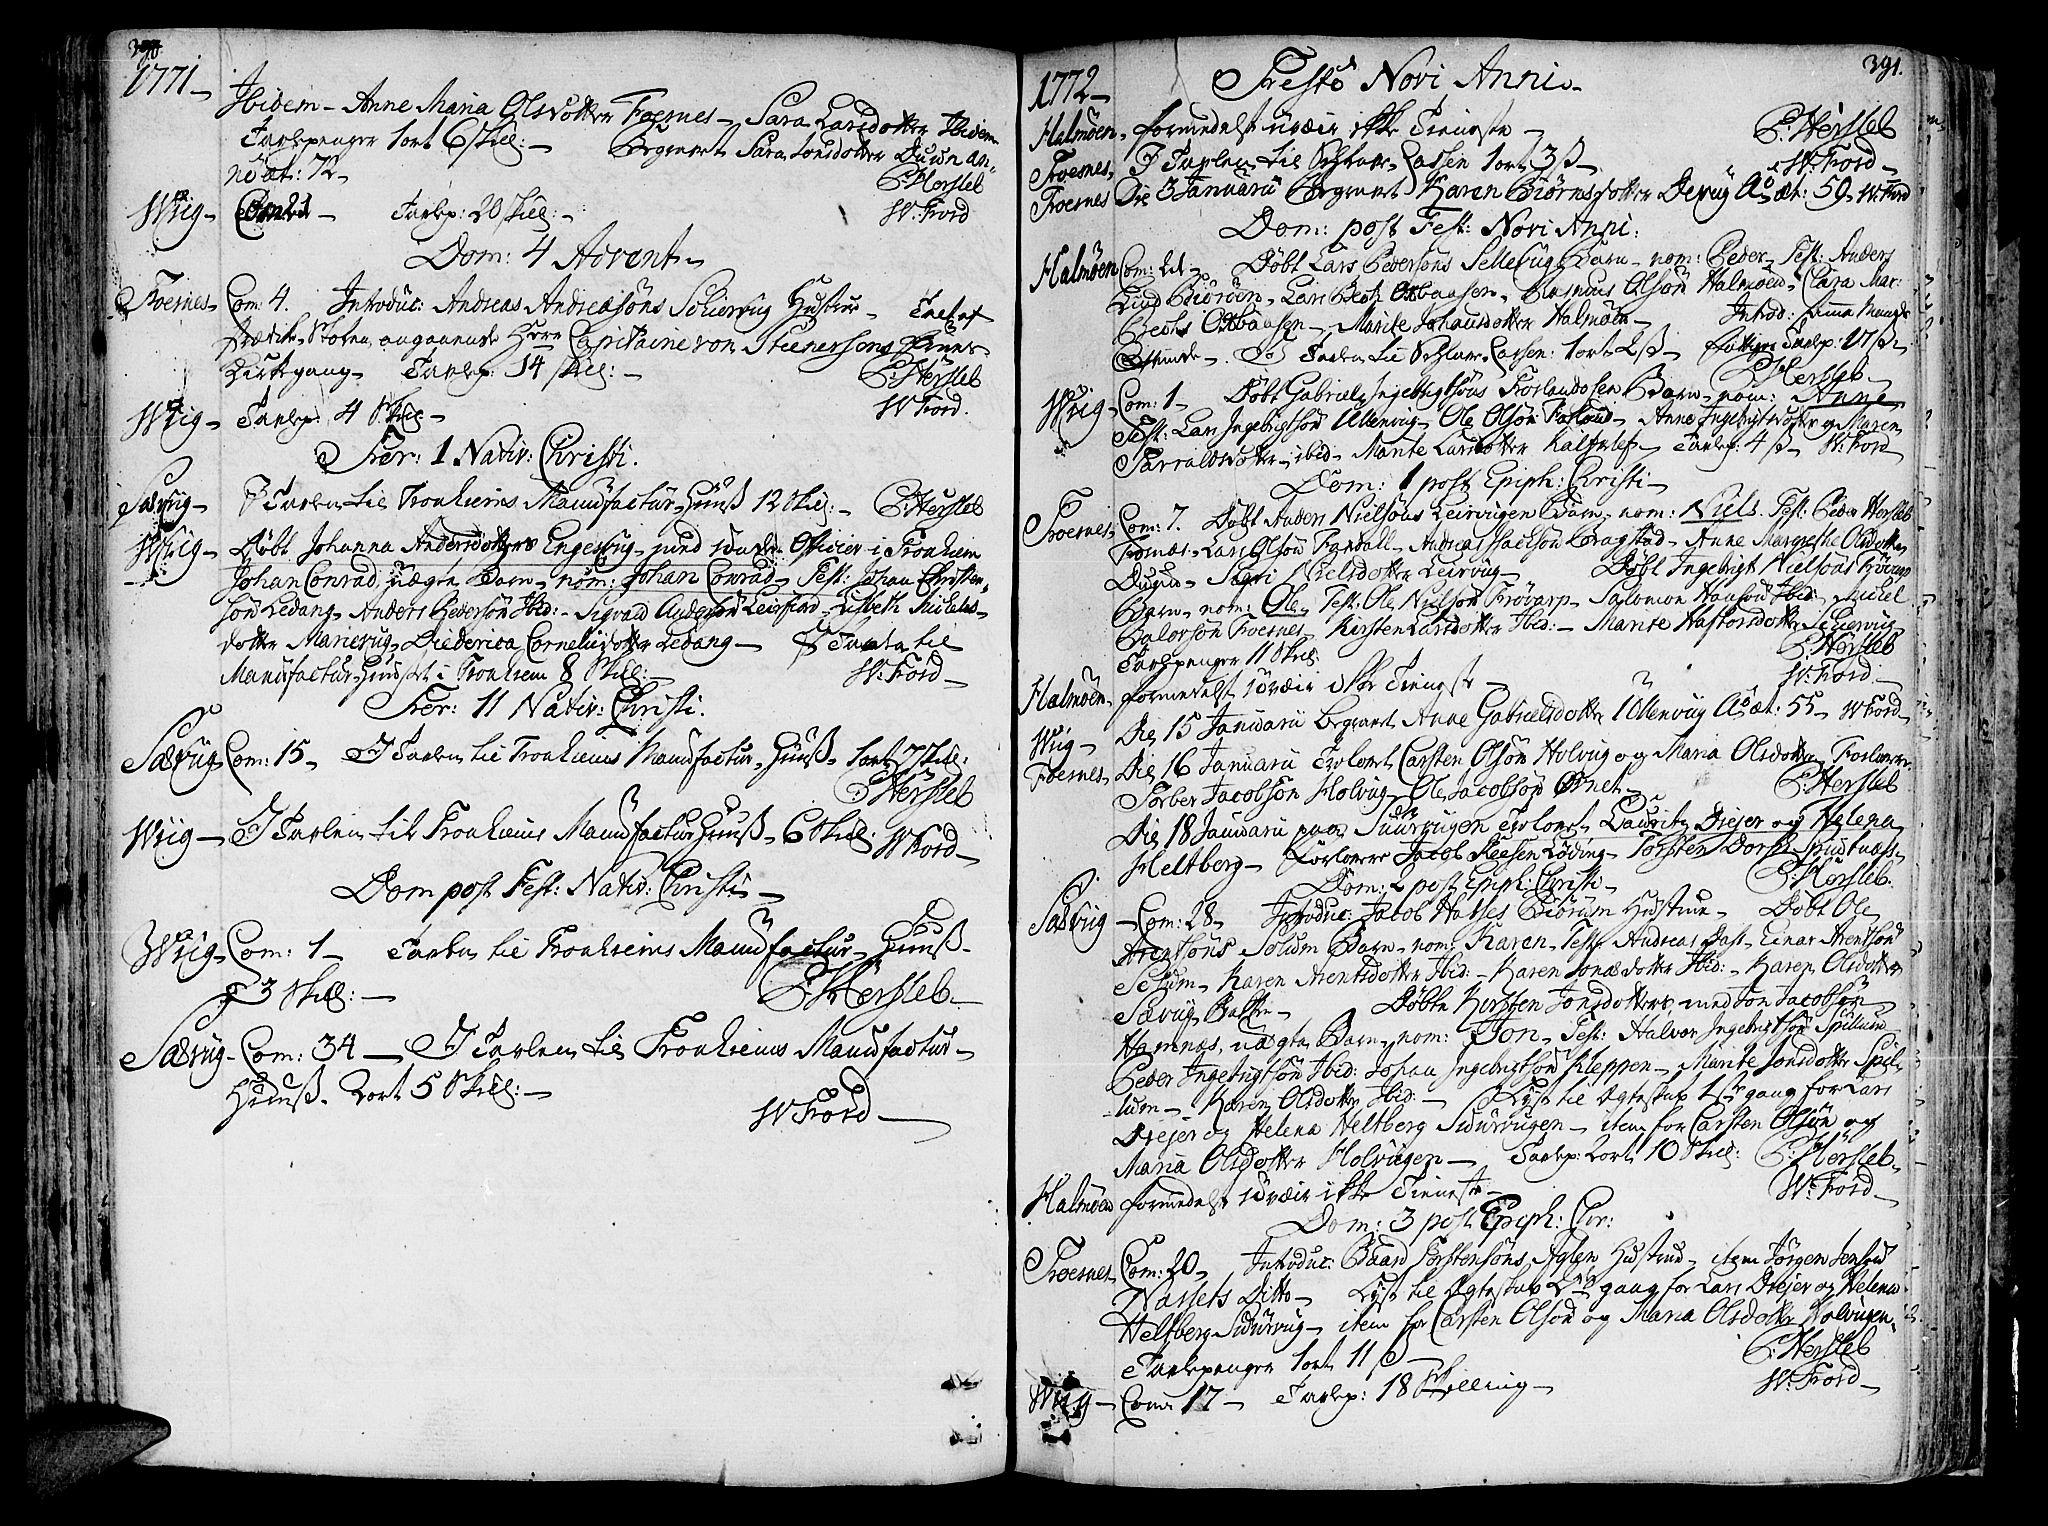 SAT, Ministerialprotokoller, klokkerbøker og fødselsregistre - Nord-Trøndelag, 773/L0607: Ministerialbok nr. 773A01, 1751-1783, s. 390-391